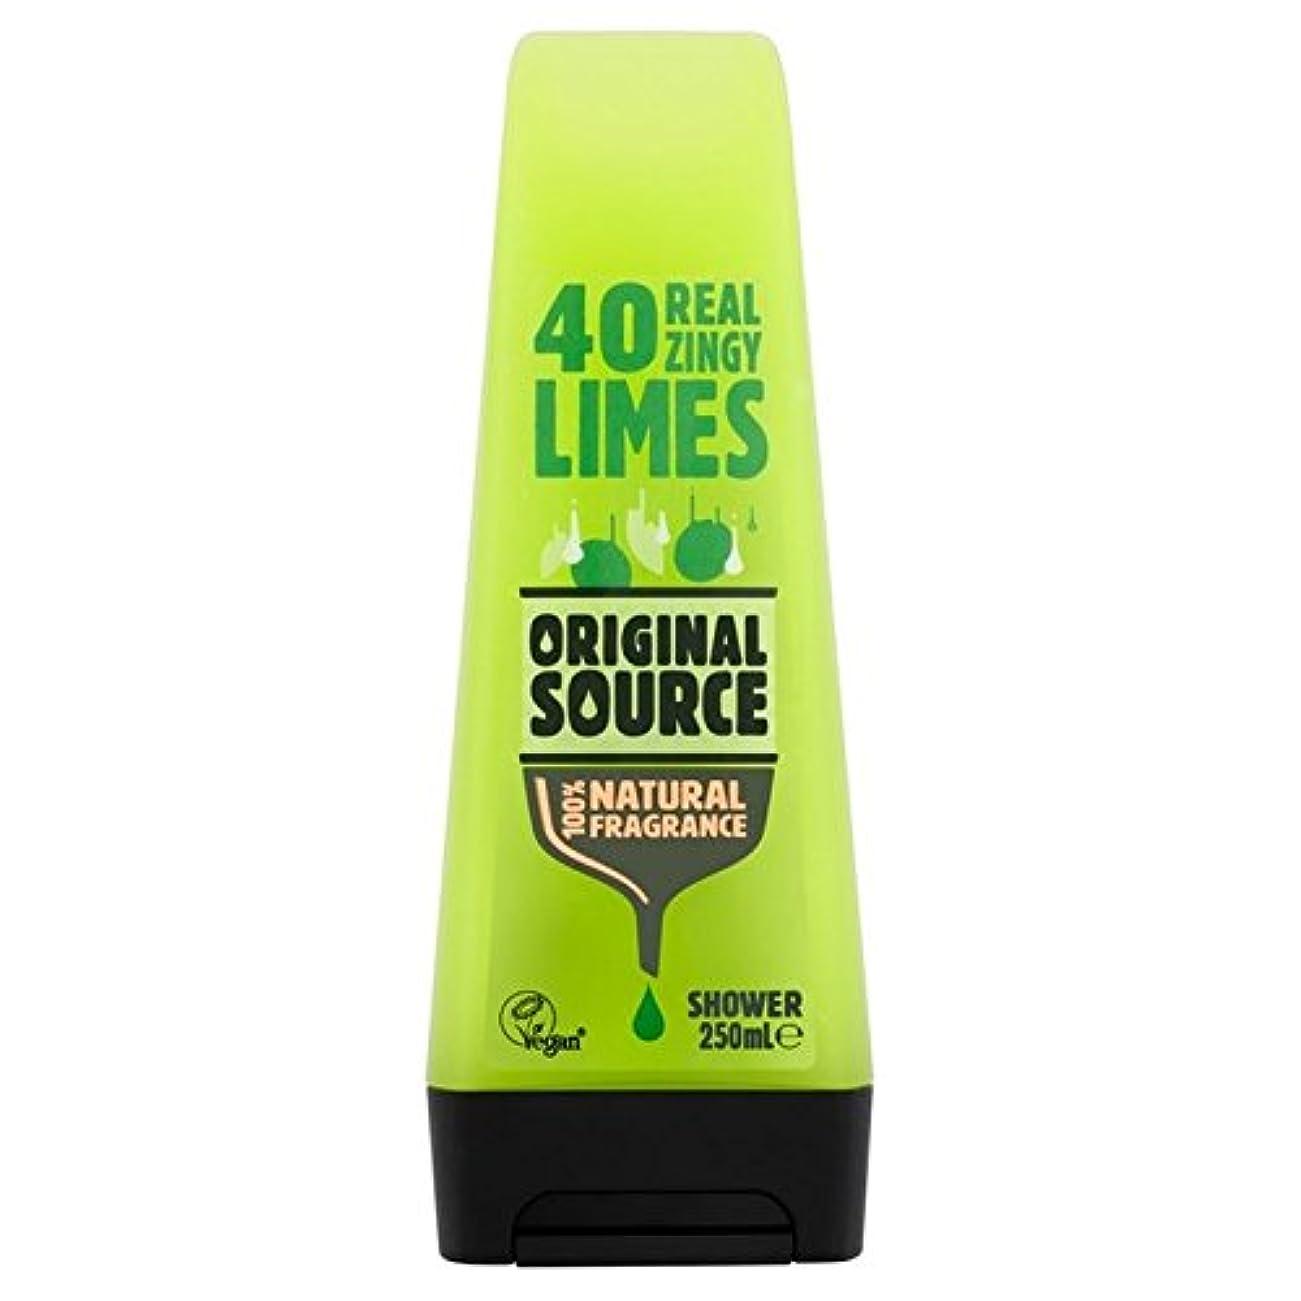 勝利フックアンソロジーOriginal Source Lime Shower Gel 250ml - 元のソースライムシャワージェル250ミリリットル [並行輸入品]